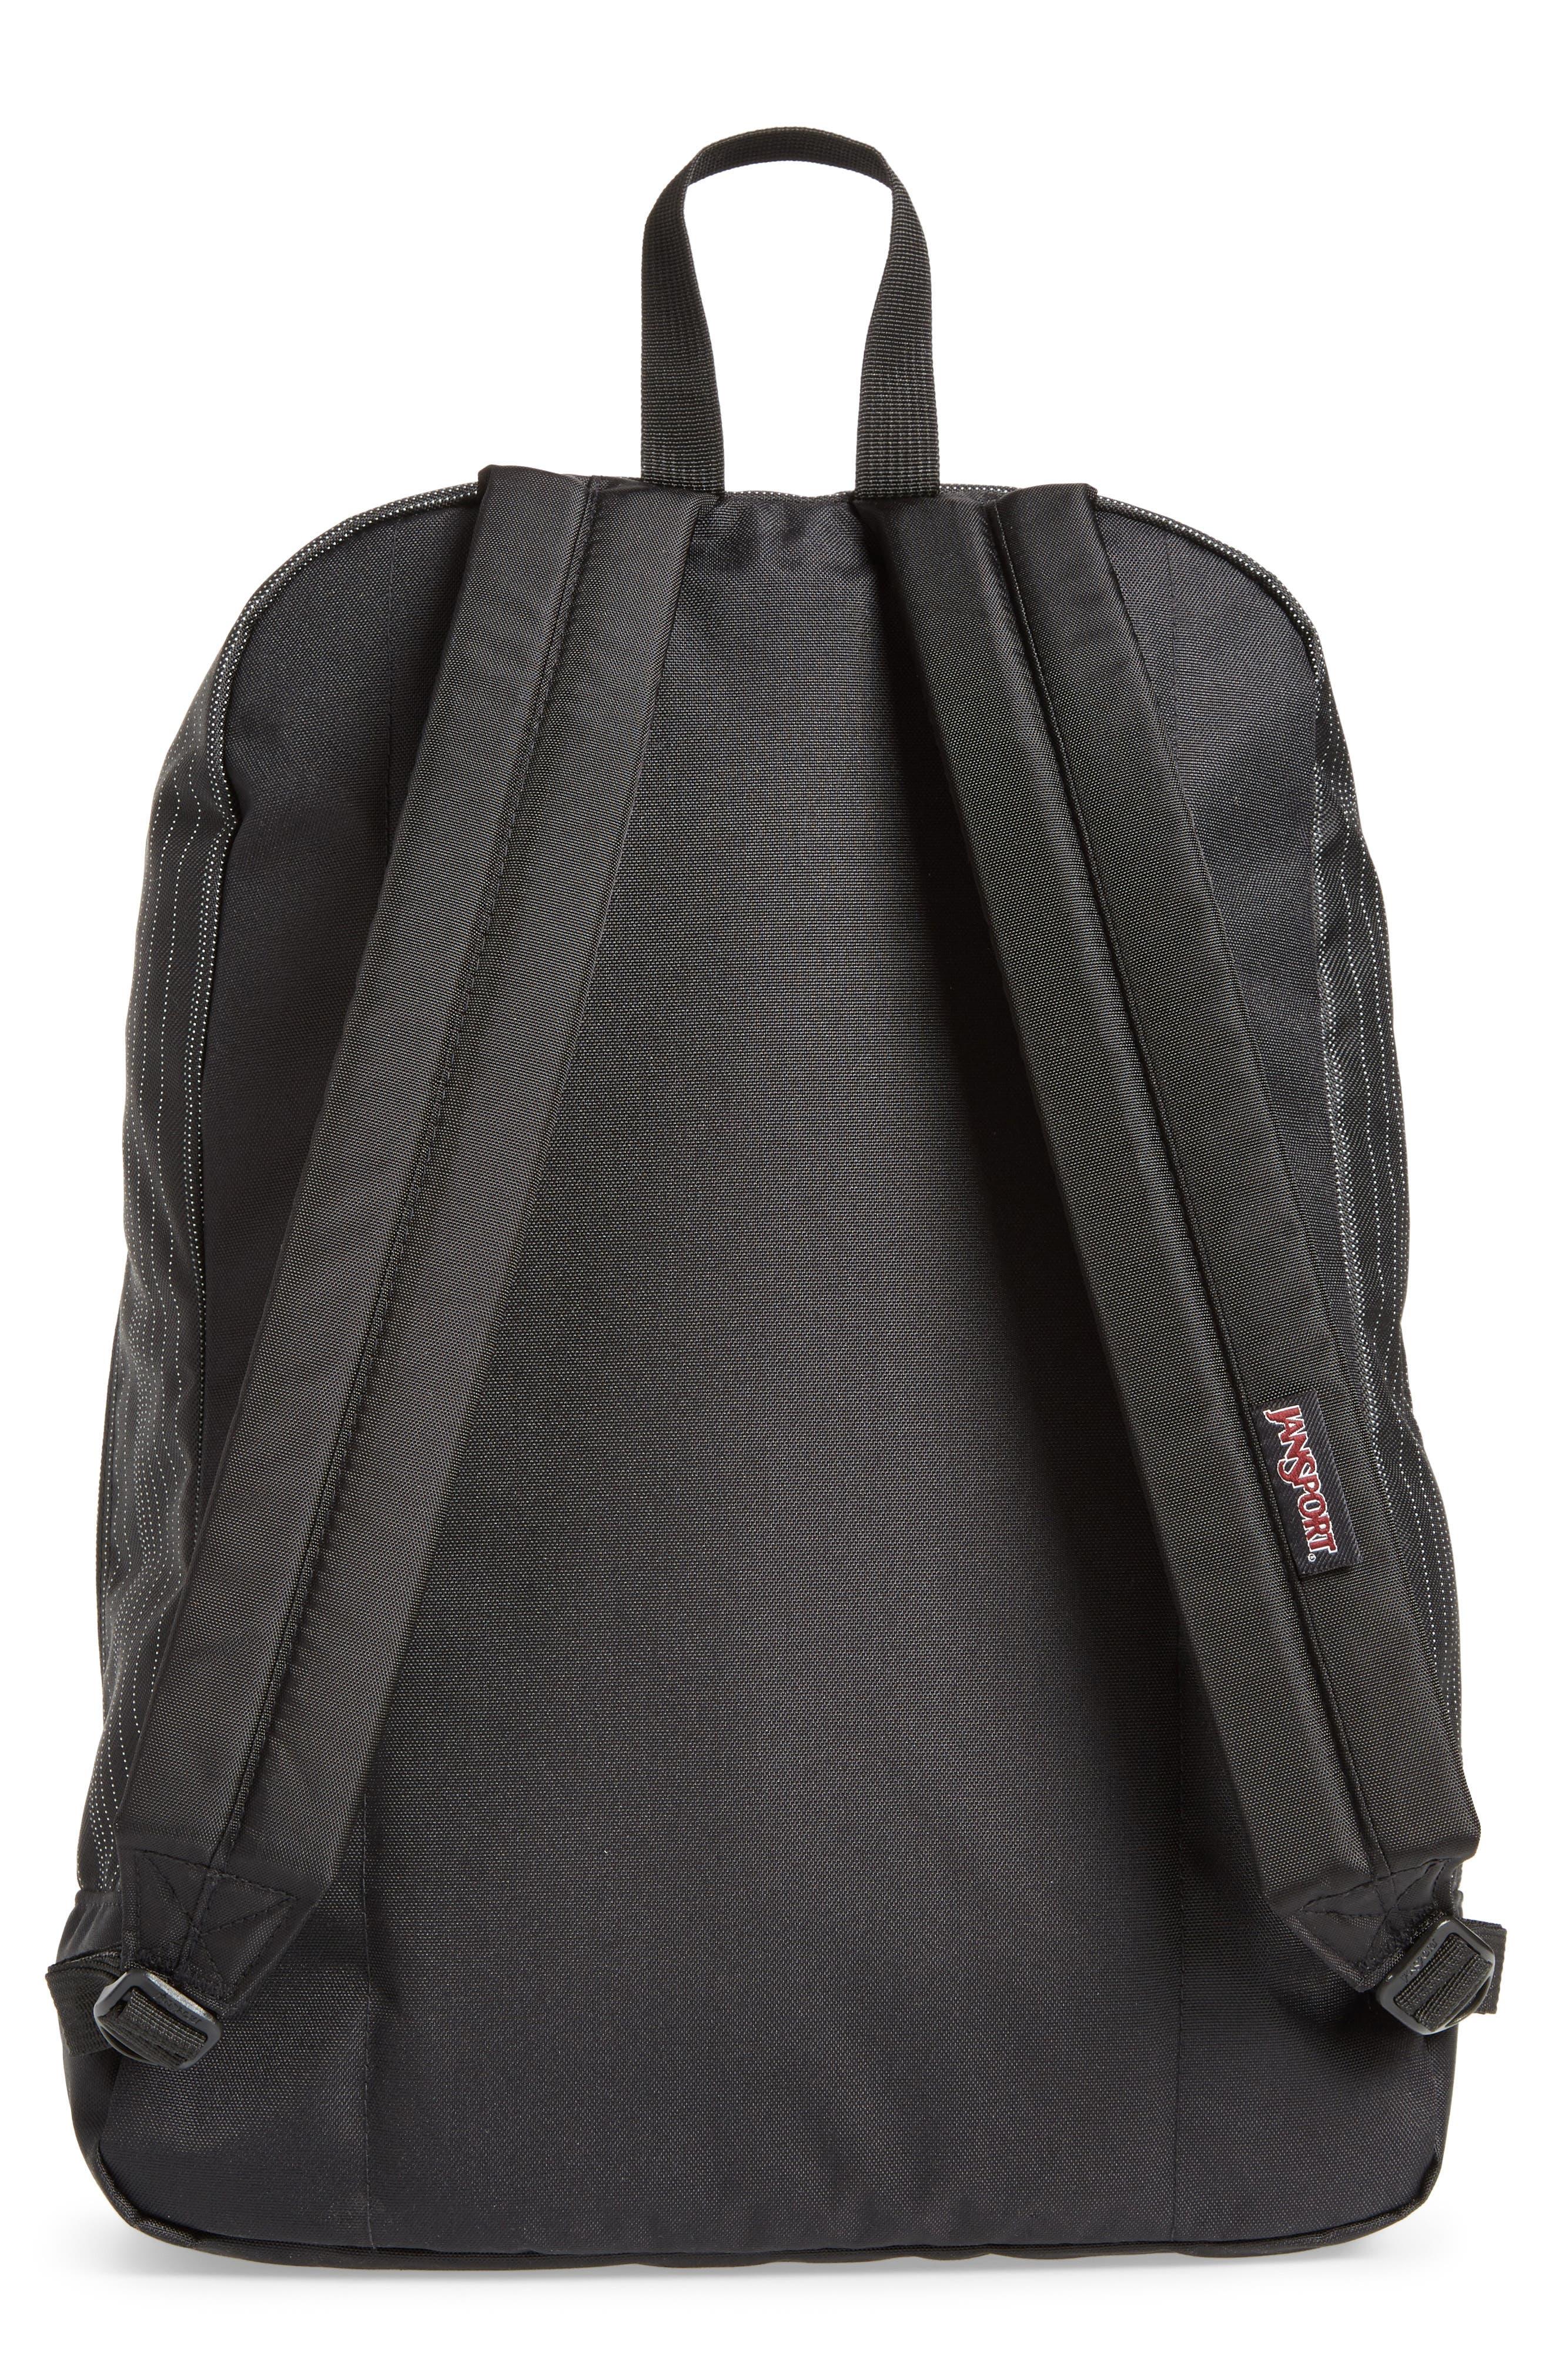 Alternate Image 3  - Jansport Super FX Reflective Backpack